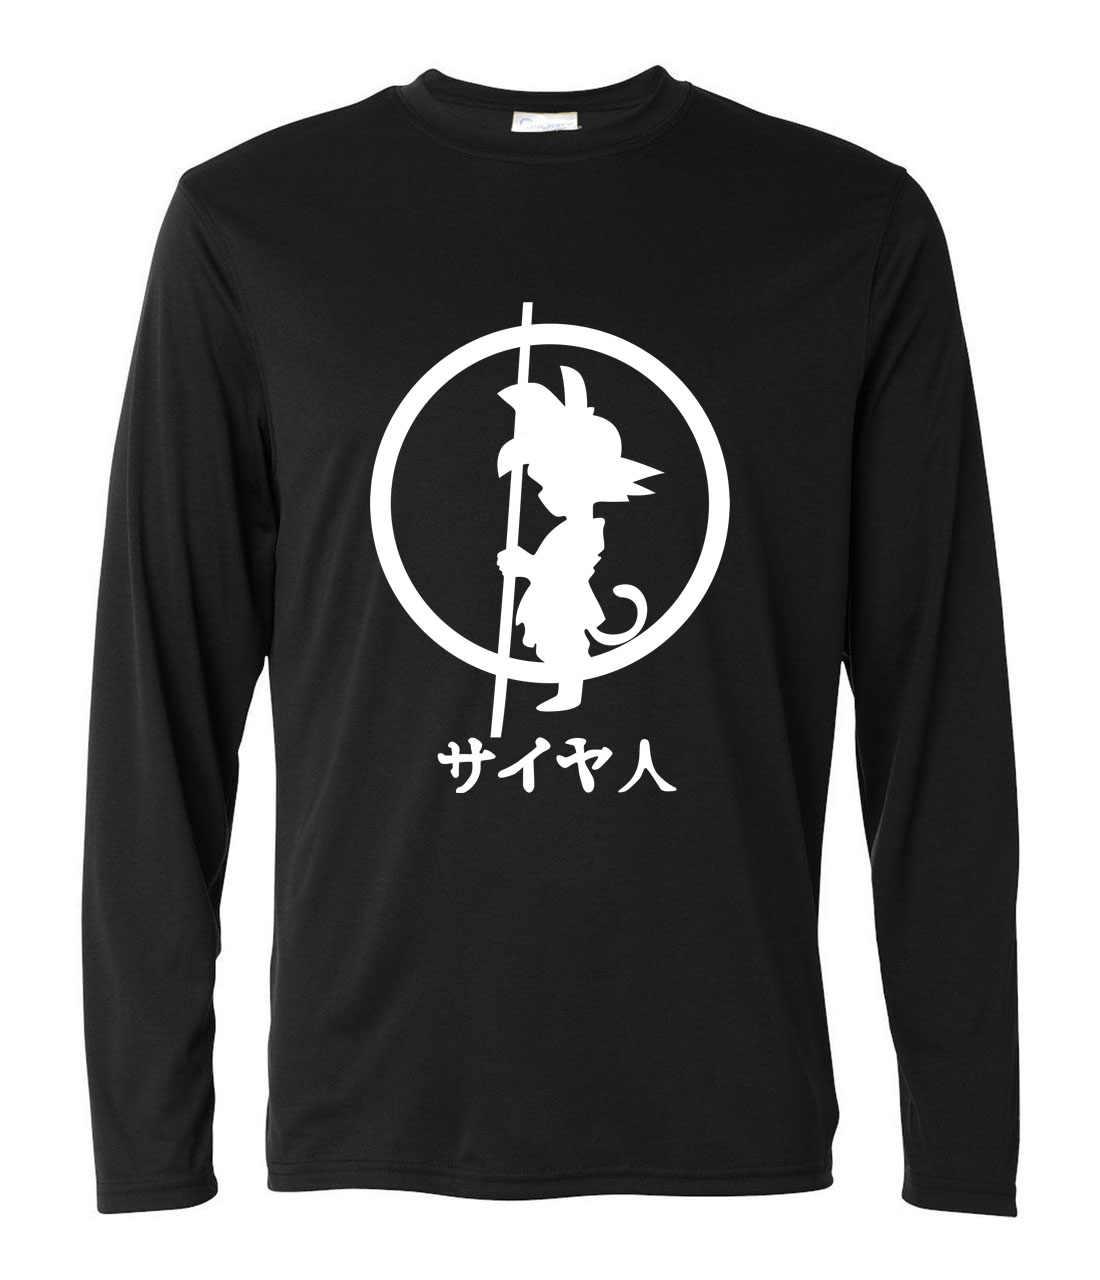 2017 г. Мужская модная одежда с длинным рукавом Harajuku Camisetas Горячая Аниме Dragon Ball футболки Homme Сон Гоку фитнес-Супер Saiyan футболки